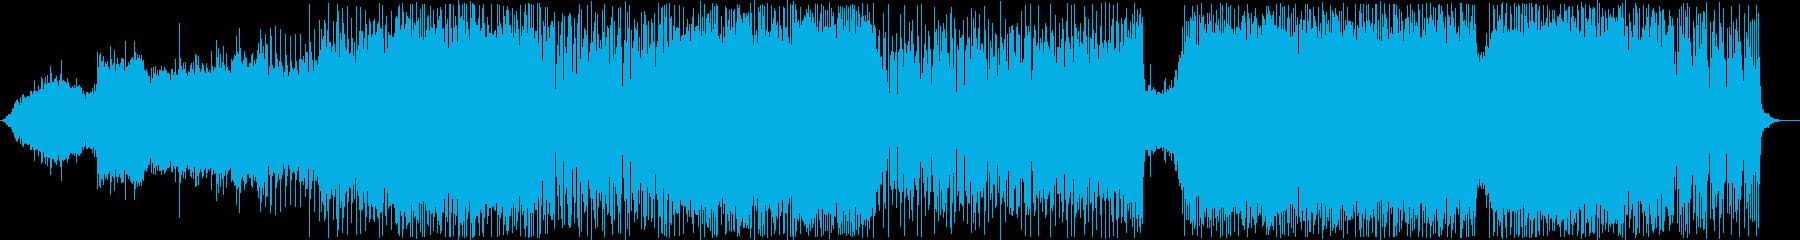 【リズムのみ】疾走感のあるダンスロックの再生済みの波形